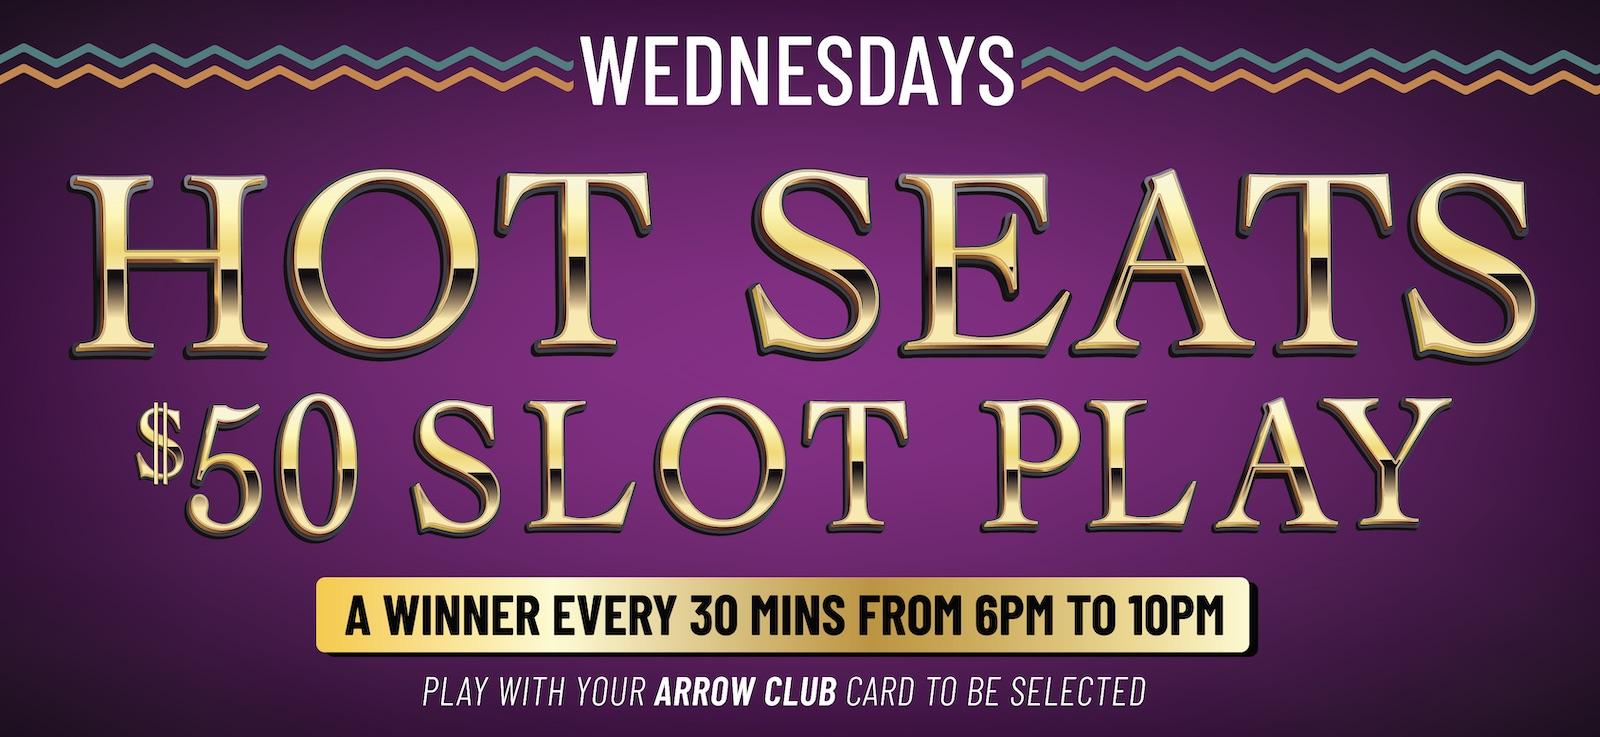 wanaaha casino free play hot seats